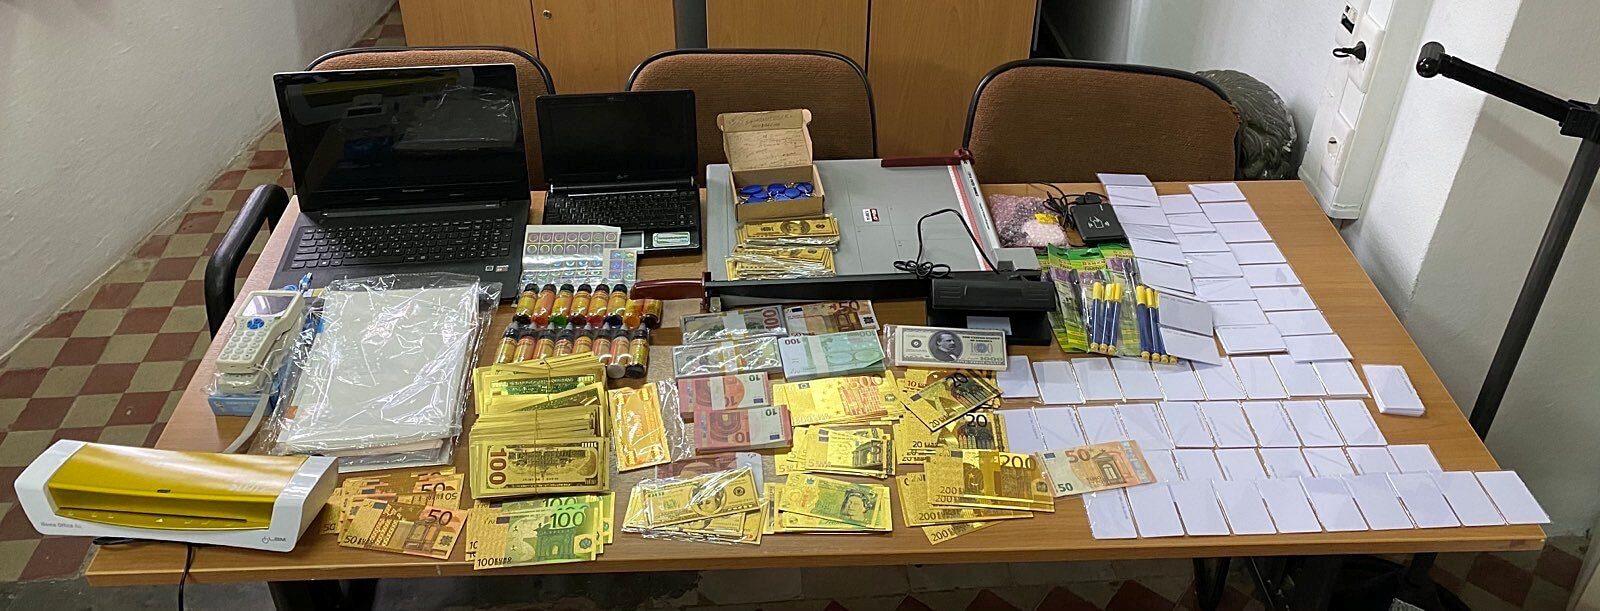 Ρόδος: Σύλληψη ημεδαπού που προσπάθησε να διαθέσει μεγάλο αριθμό πλαστών χαρτονομισμάτων